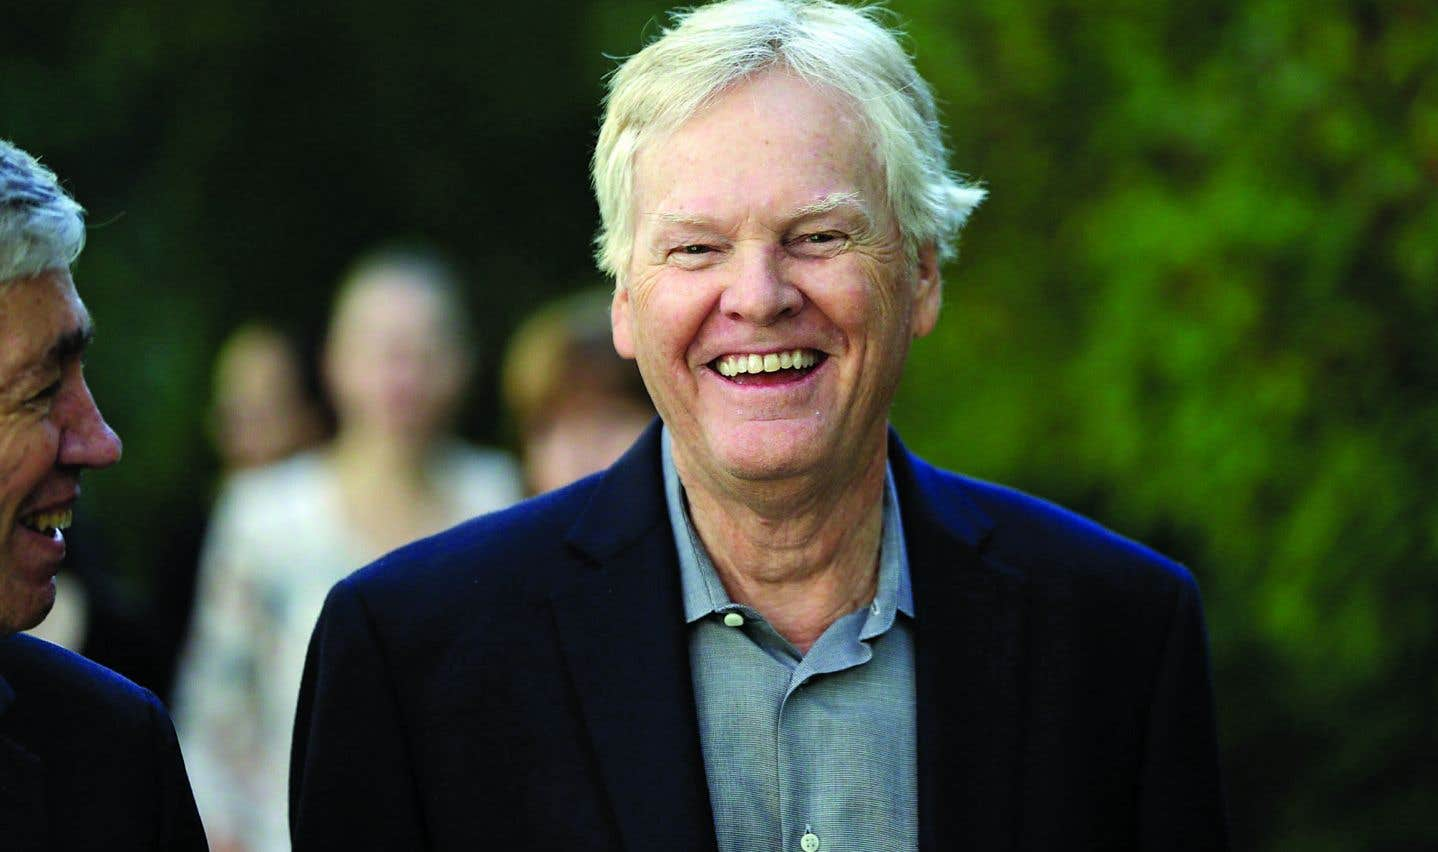 Michael Young sourit à l'annonce de son obtention du prix Nobel de médecine, avec ses collègues Jeffrey Hall et Michael Rosbash, pour ses travaux sur les cycles internes des êtres vivants.